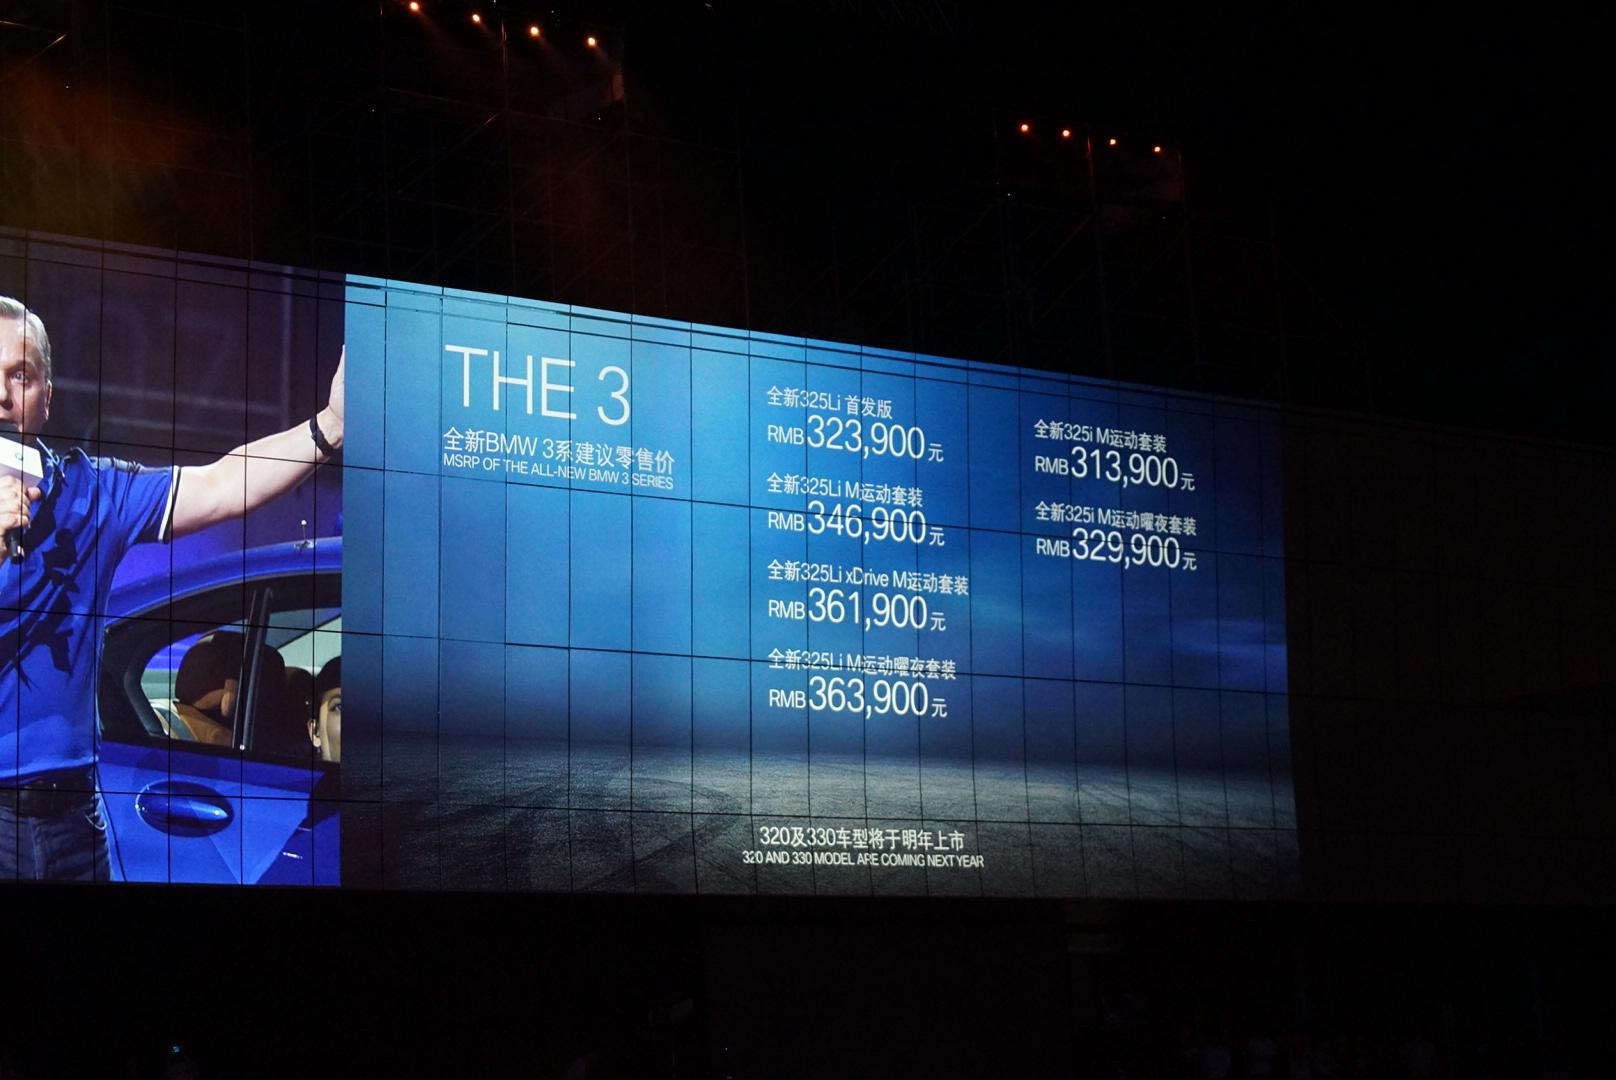 售价31.39-36.39万元 全新宝马3系正式上市